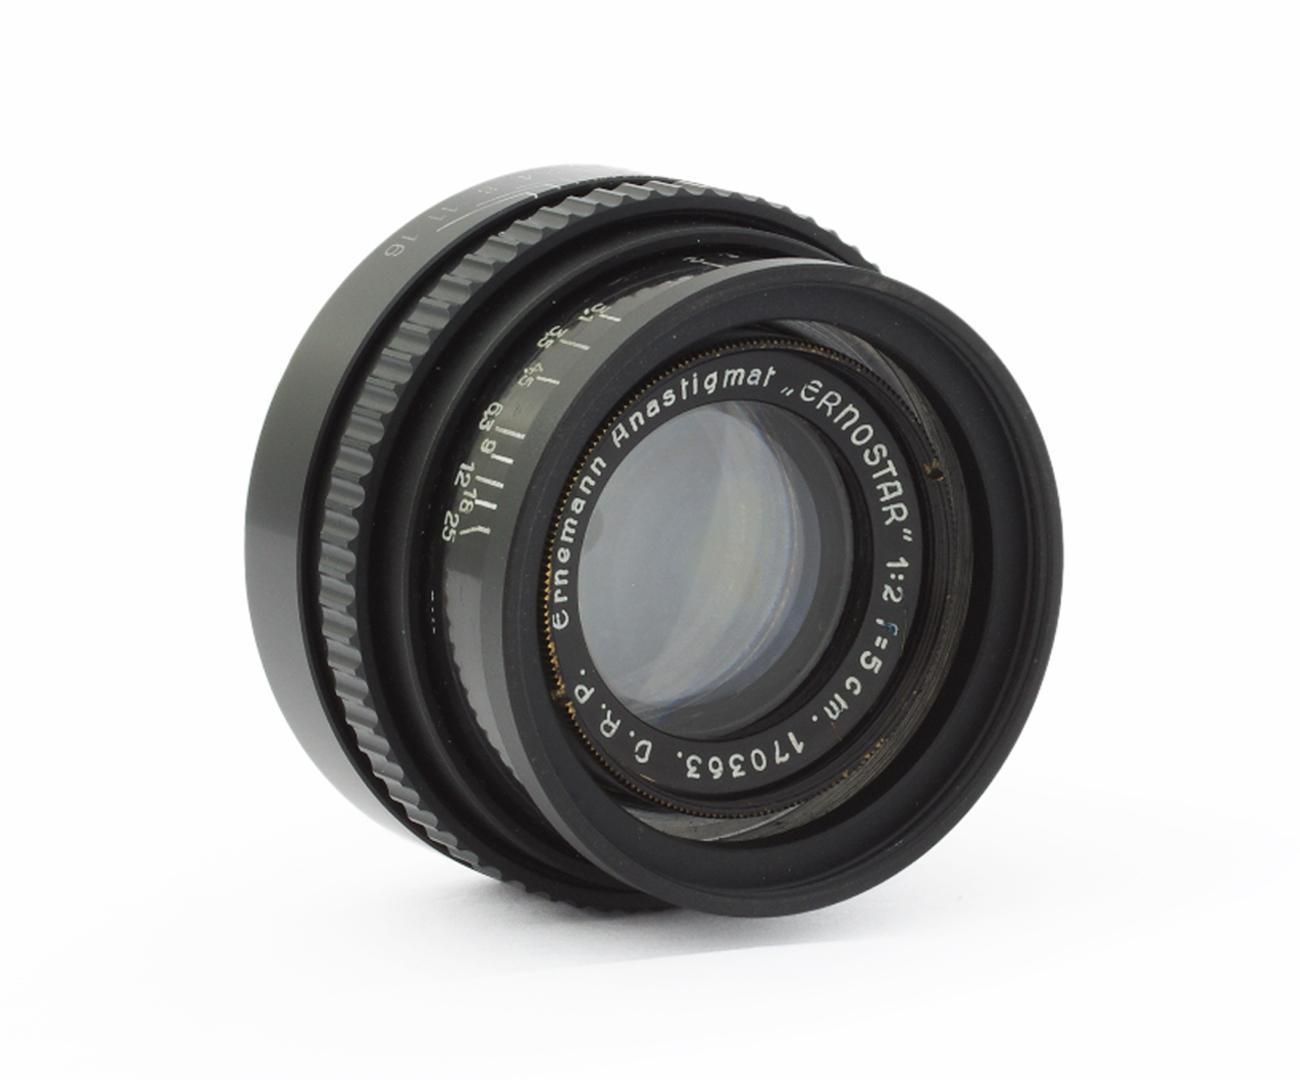 Ernemann-Anastigmat-Ernostar-2-50-mm-170363-Leica-M-Lens Indexbild 3